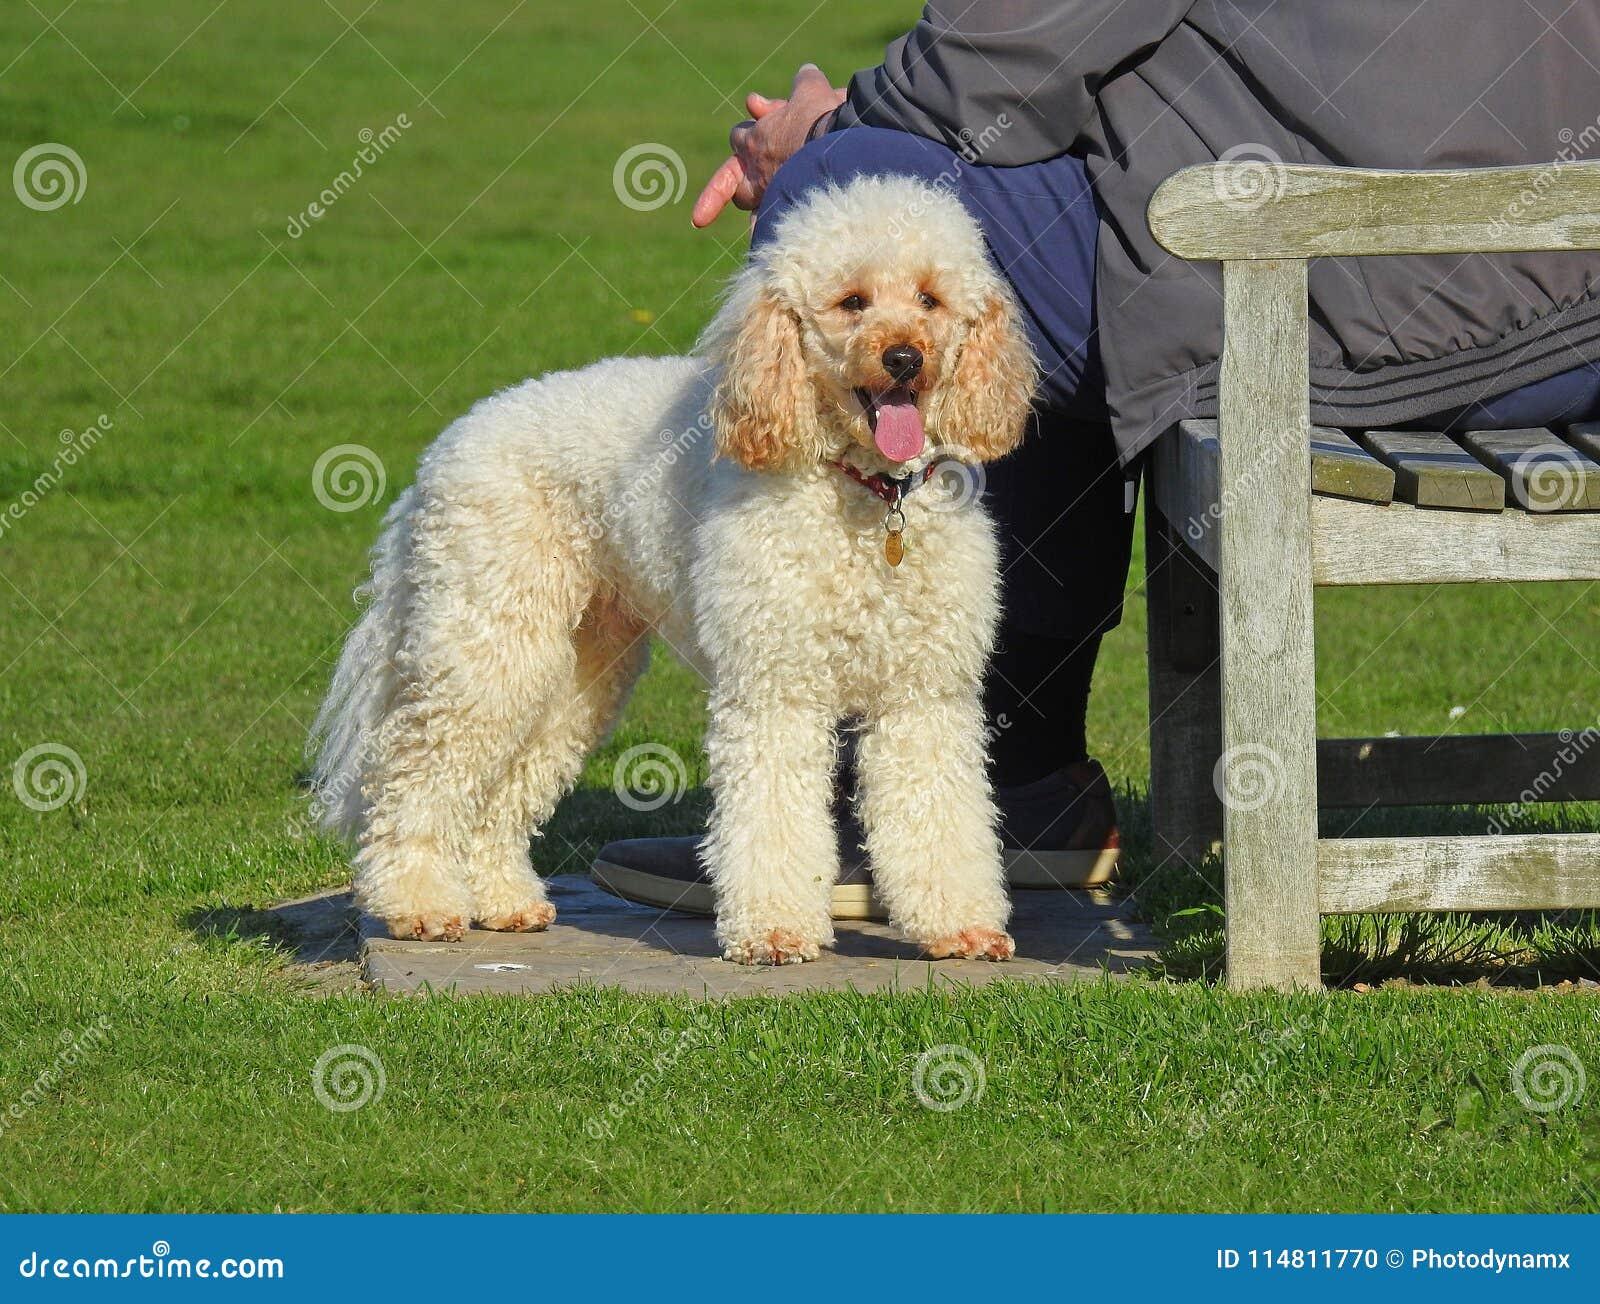 Poodle dog resting in park